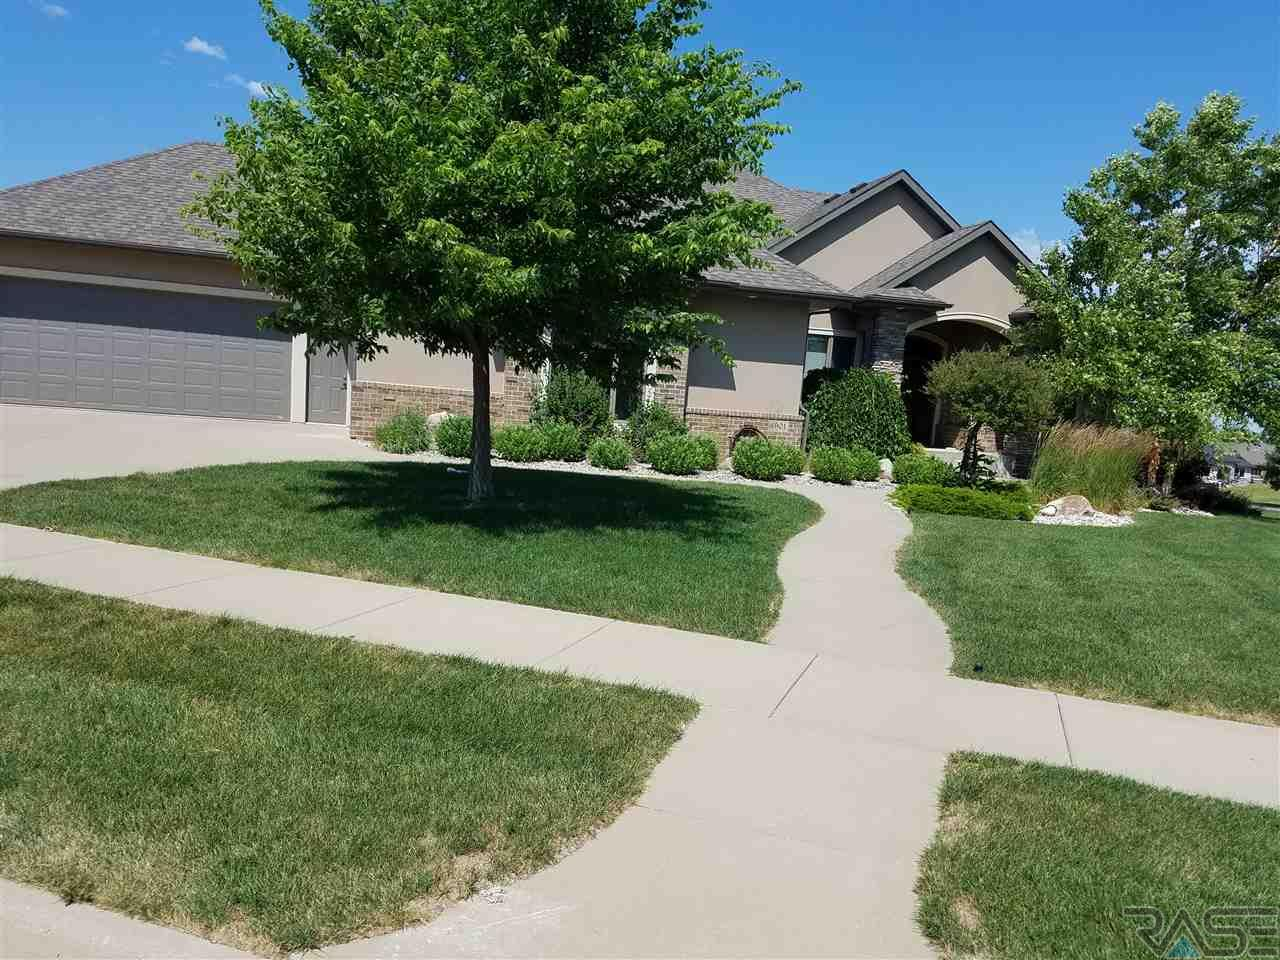 6901 S Dalston Ln, Sioux Falls, SD 57108